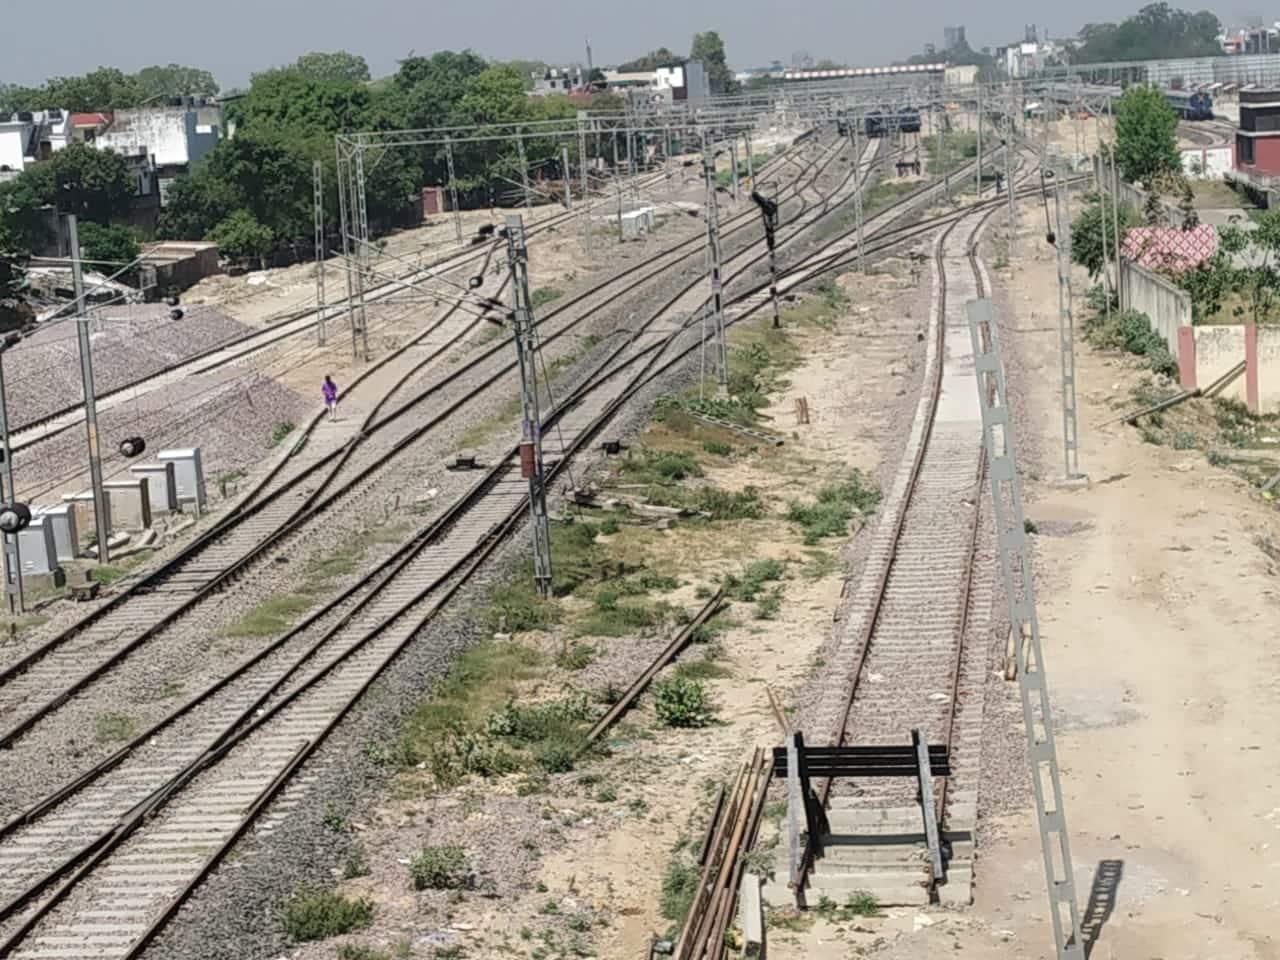 Railway tracks wear deserted look during lockdown in Lucknow